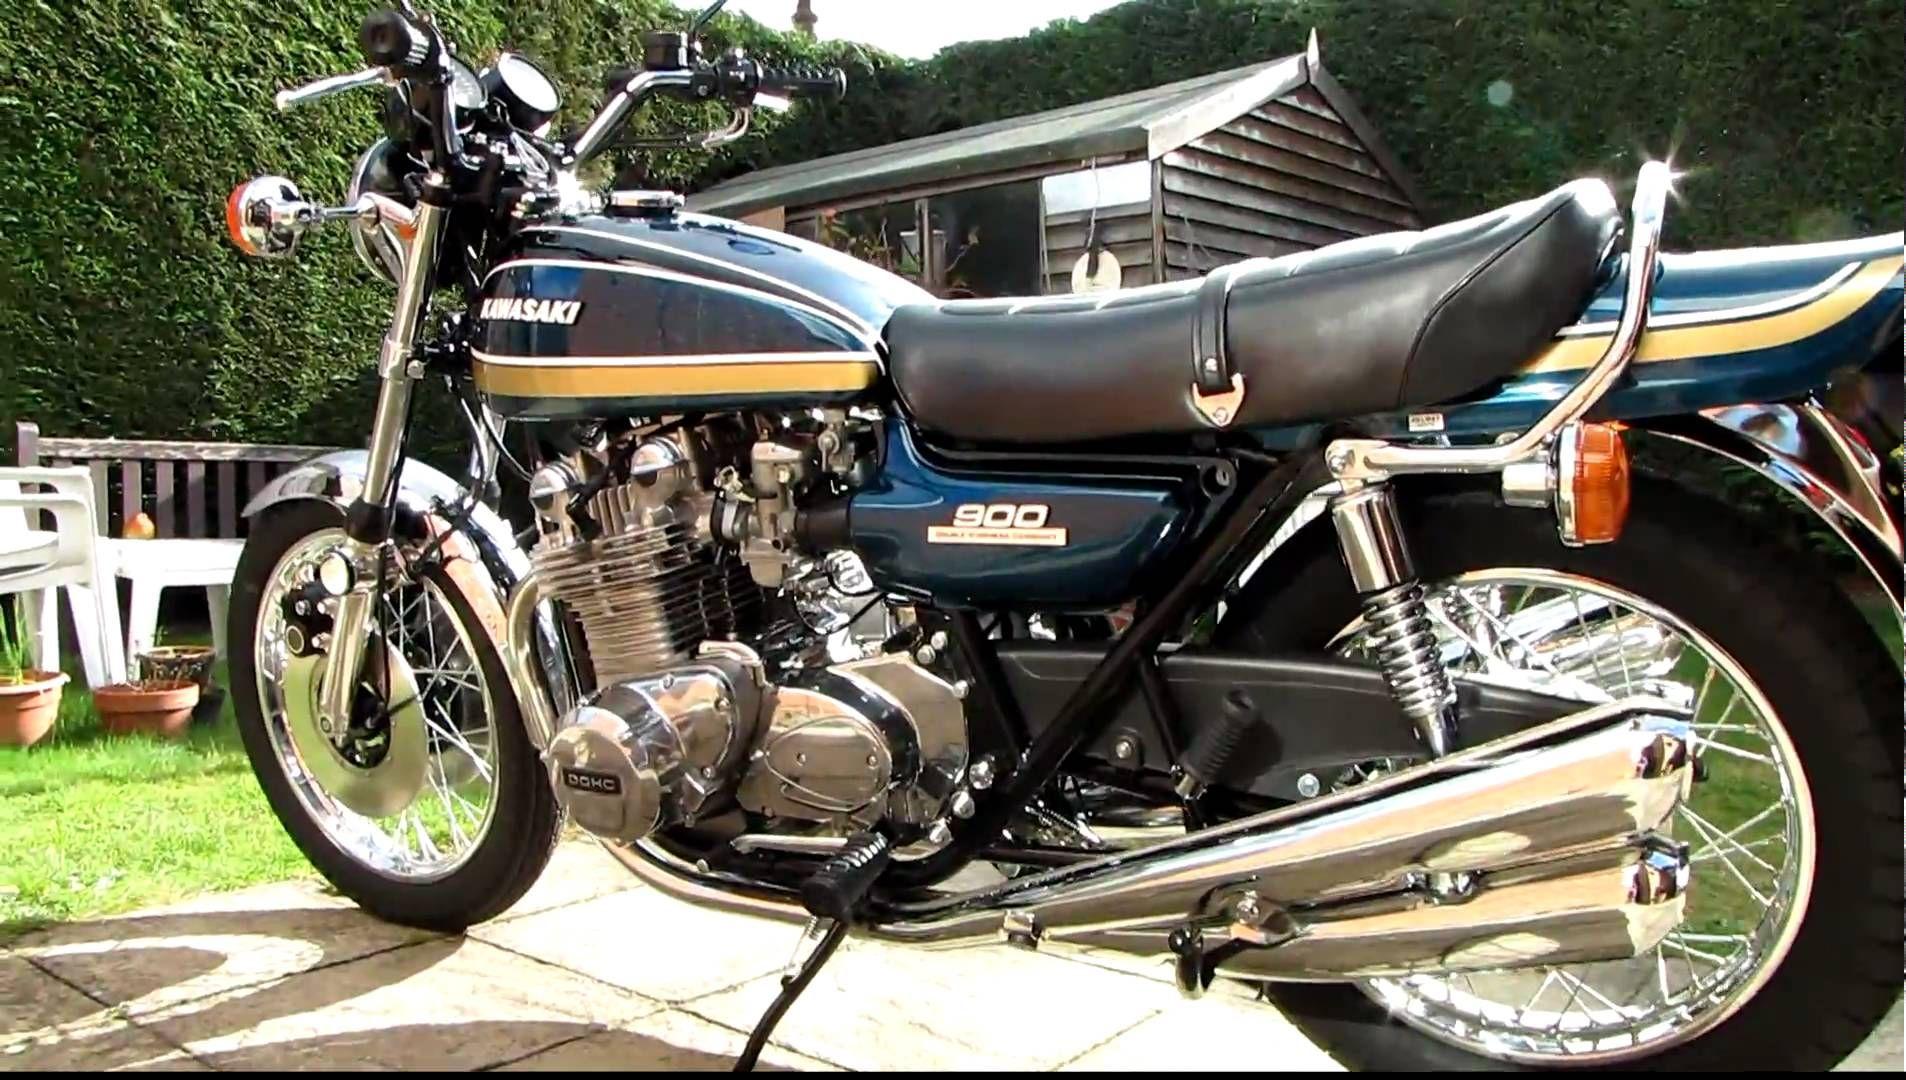 1975 Kawasaki Z1 900 - YouTube